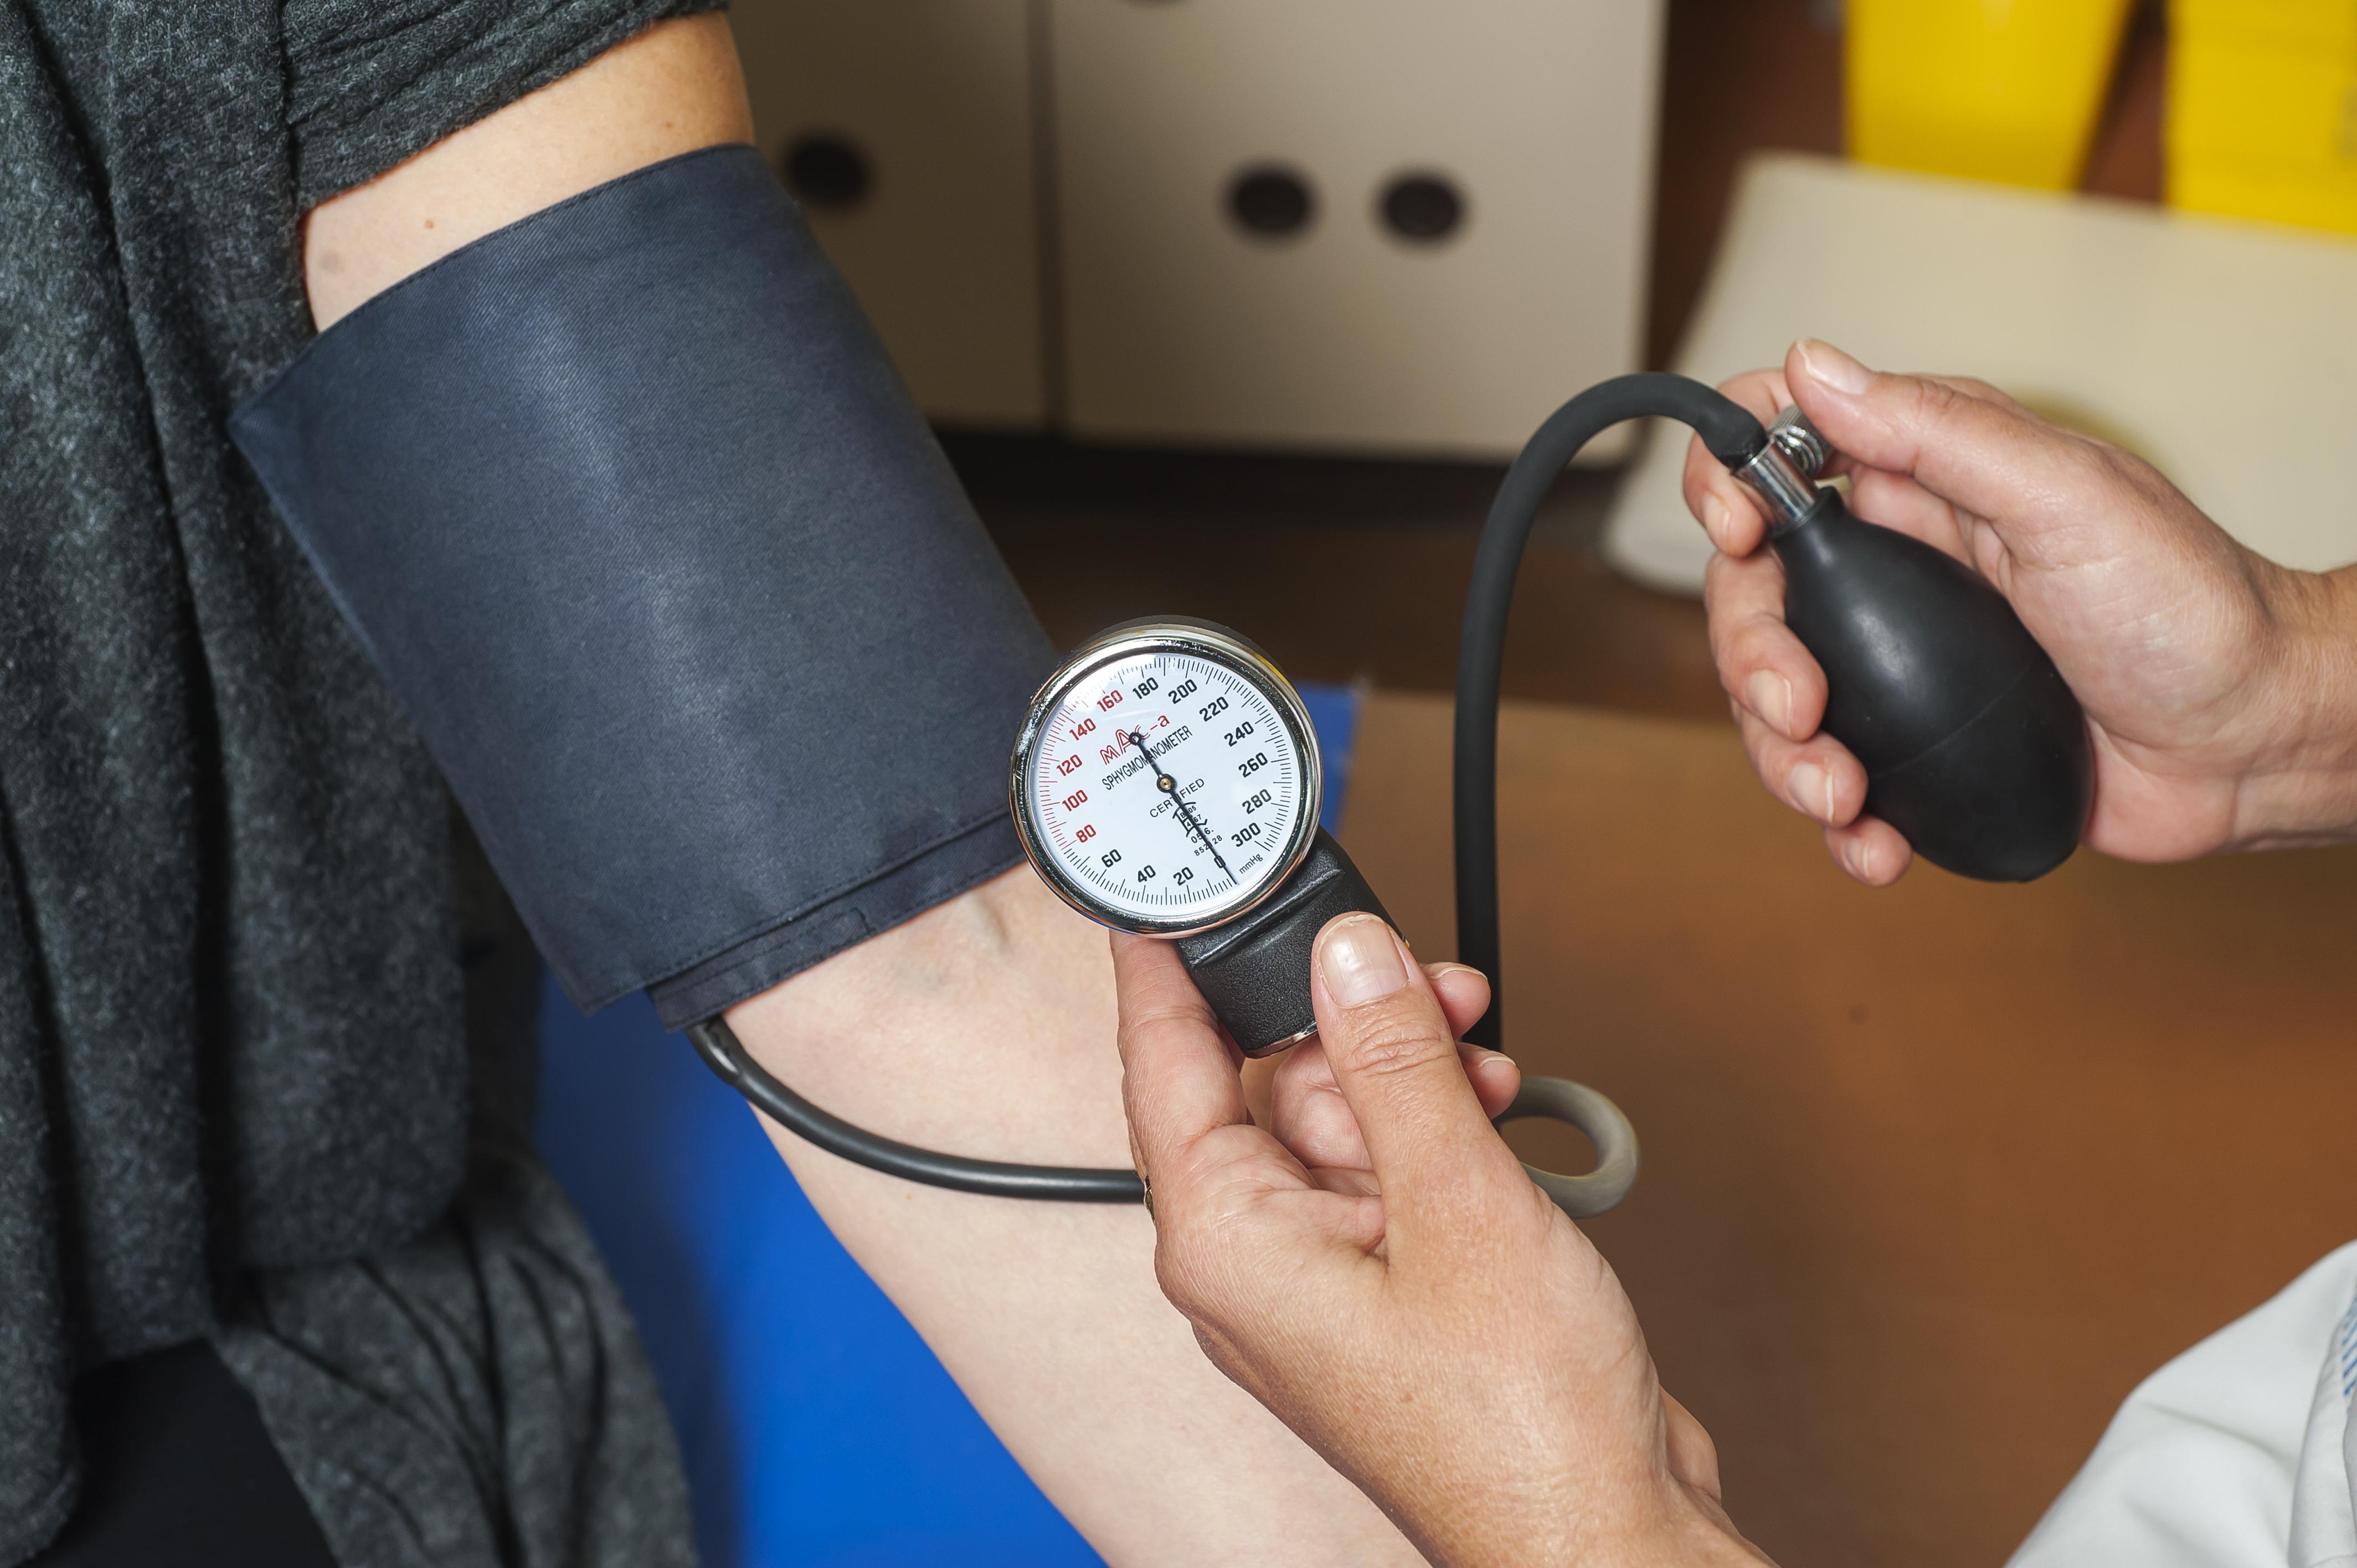 Skolhälsovården, primärvården och företagshälsovården måste bli bättre på att rutinmässigt mäta blodtryck och erbjuda urinprov.